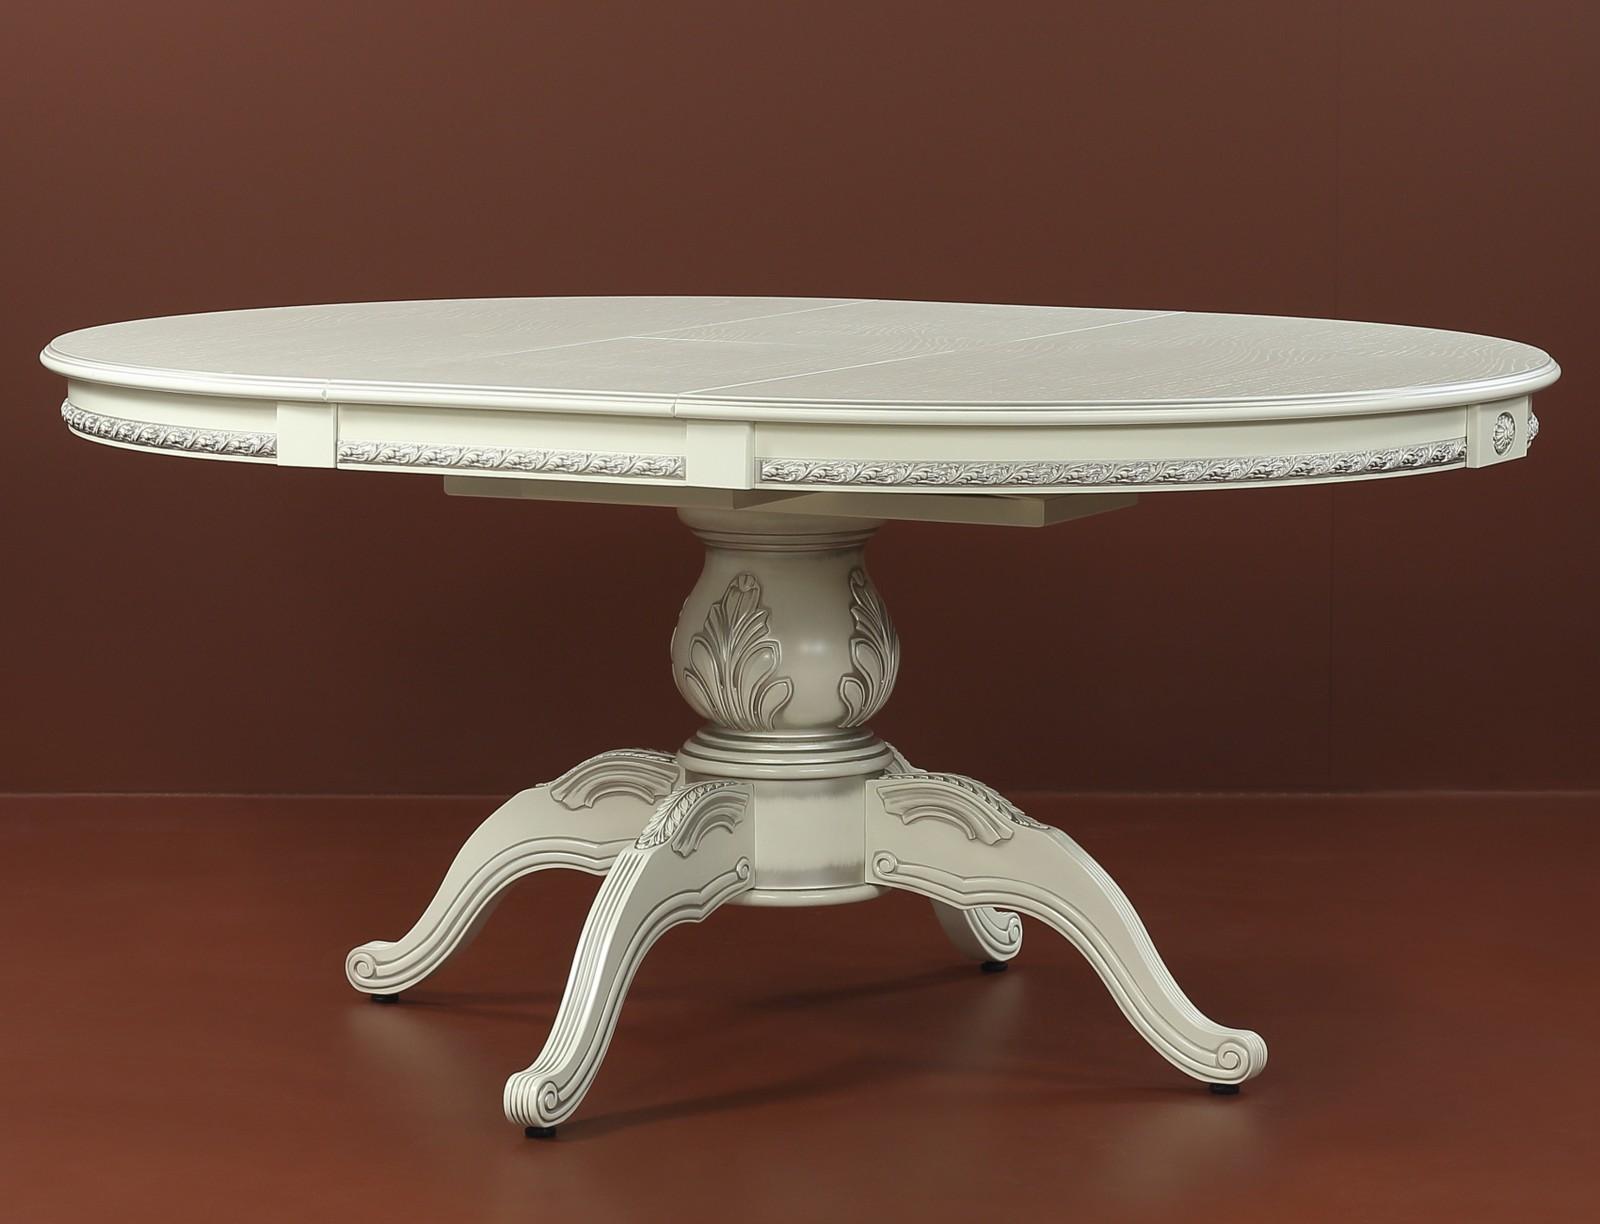 Большой раздвижной круглый стол с классическим дизайном, слоновая кость, 130 см. (арт. М4343)